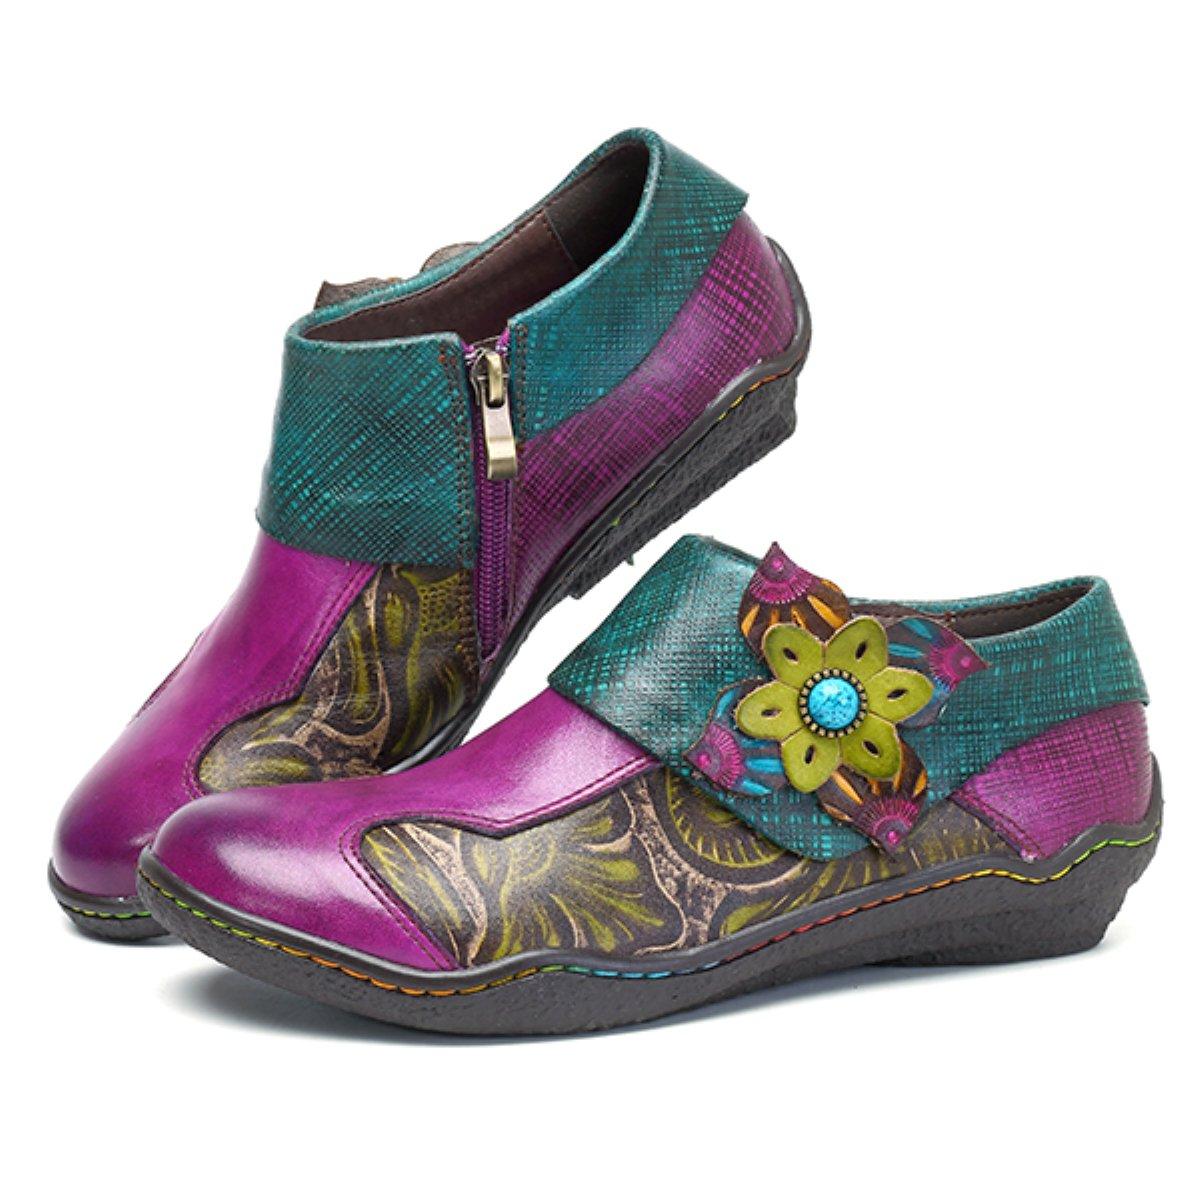 Chaussures de Ville en Cuir Talon Plate Souliers Loafters /à Enfilter Printemps Et/é Fait /à la Mains 36-42 Violet Socofy Mocassins Femme